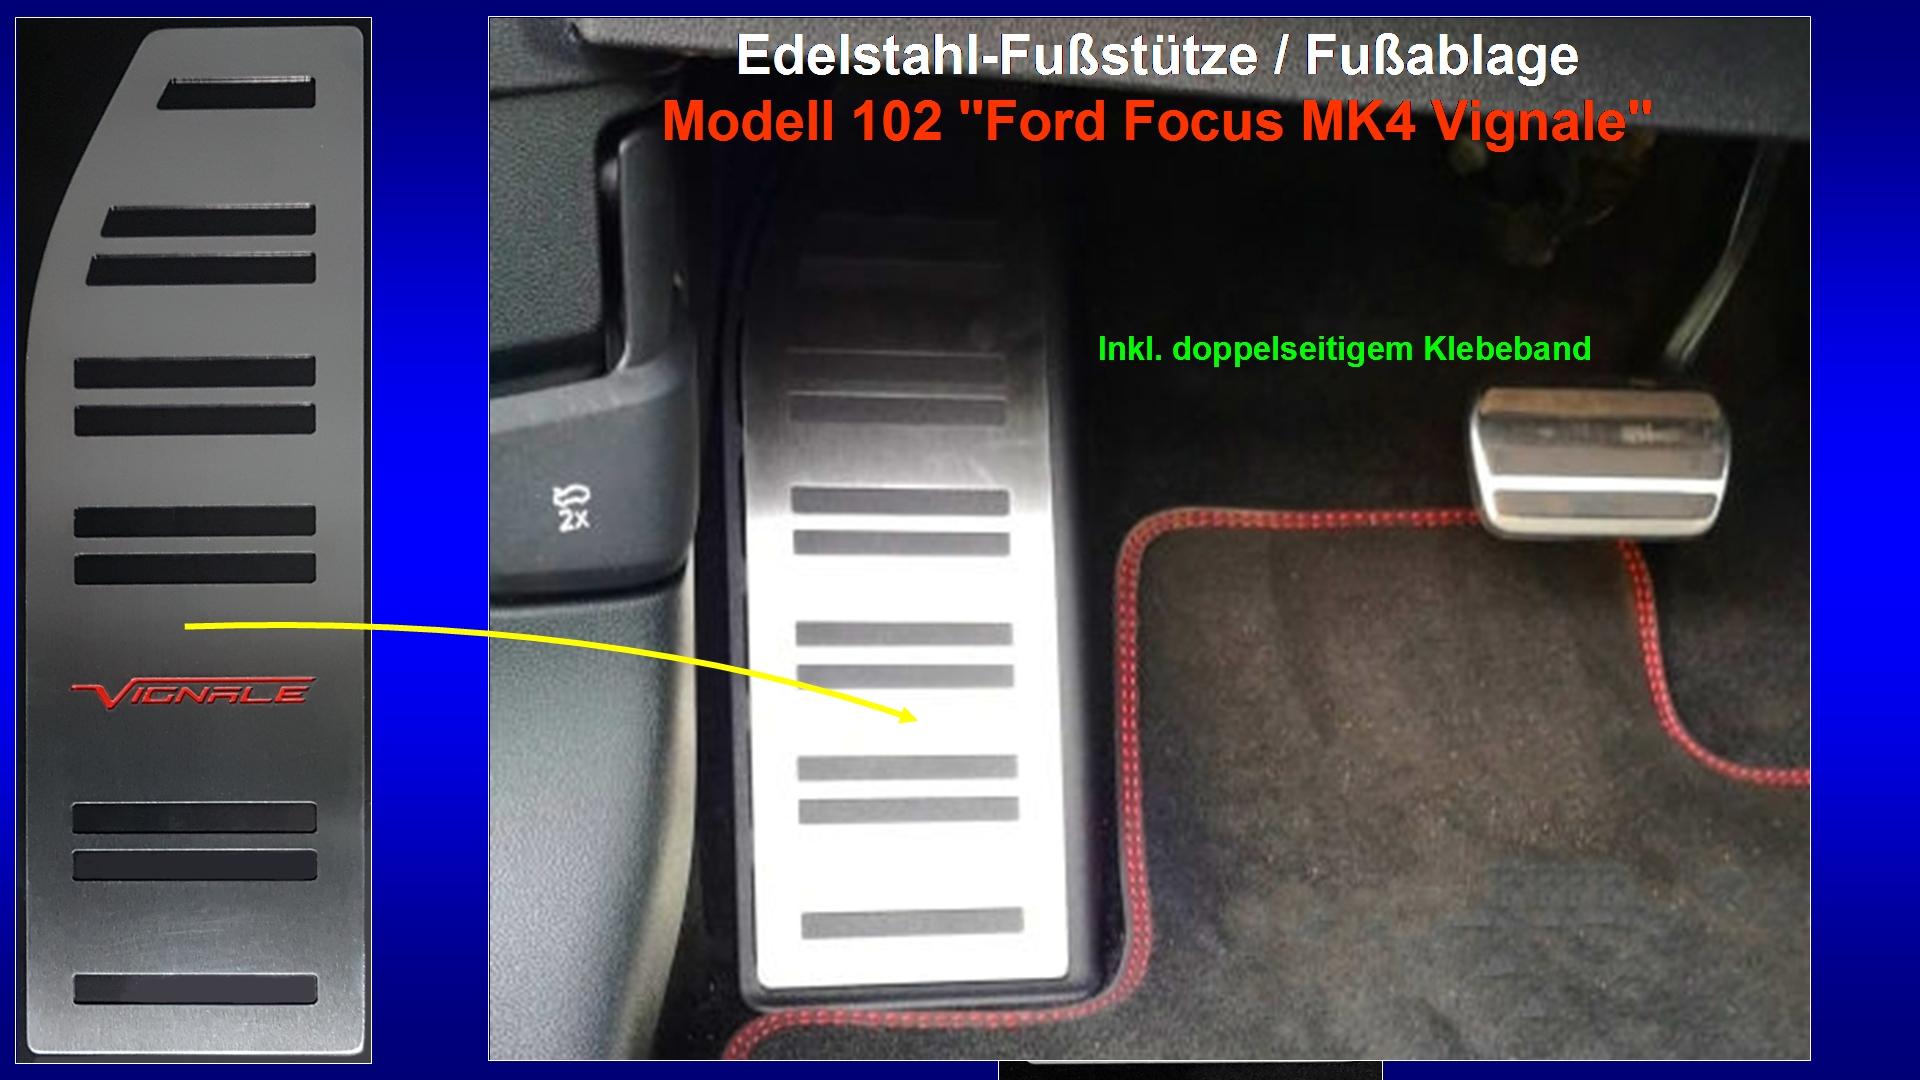 Präsentation Edelstahl-Fußstütze Modell 102 ''Ford Focus MK4 Vignale'' [Vignale-Logo].jpg